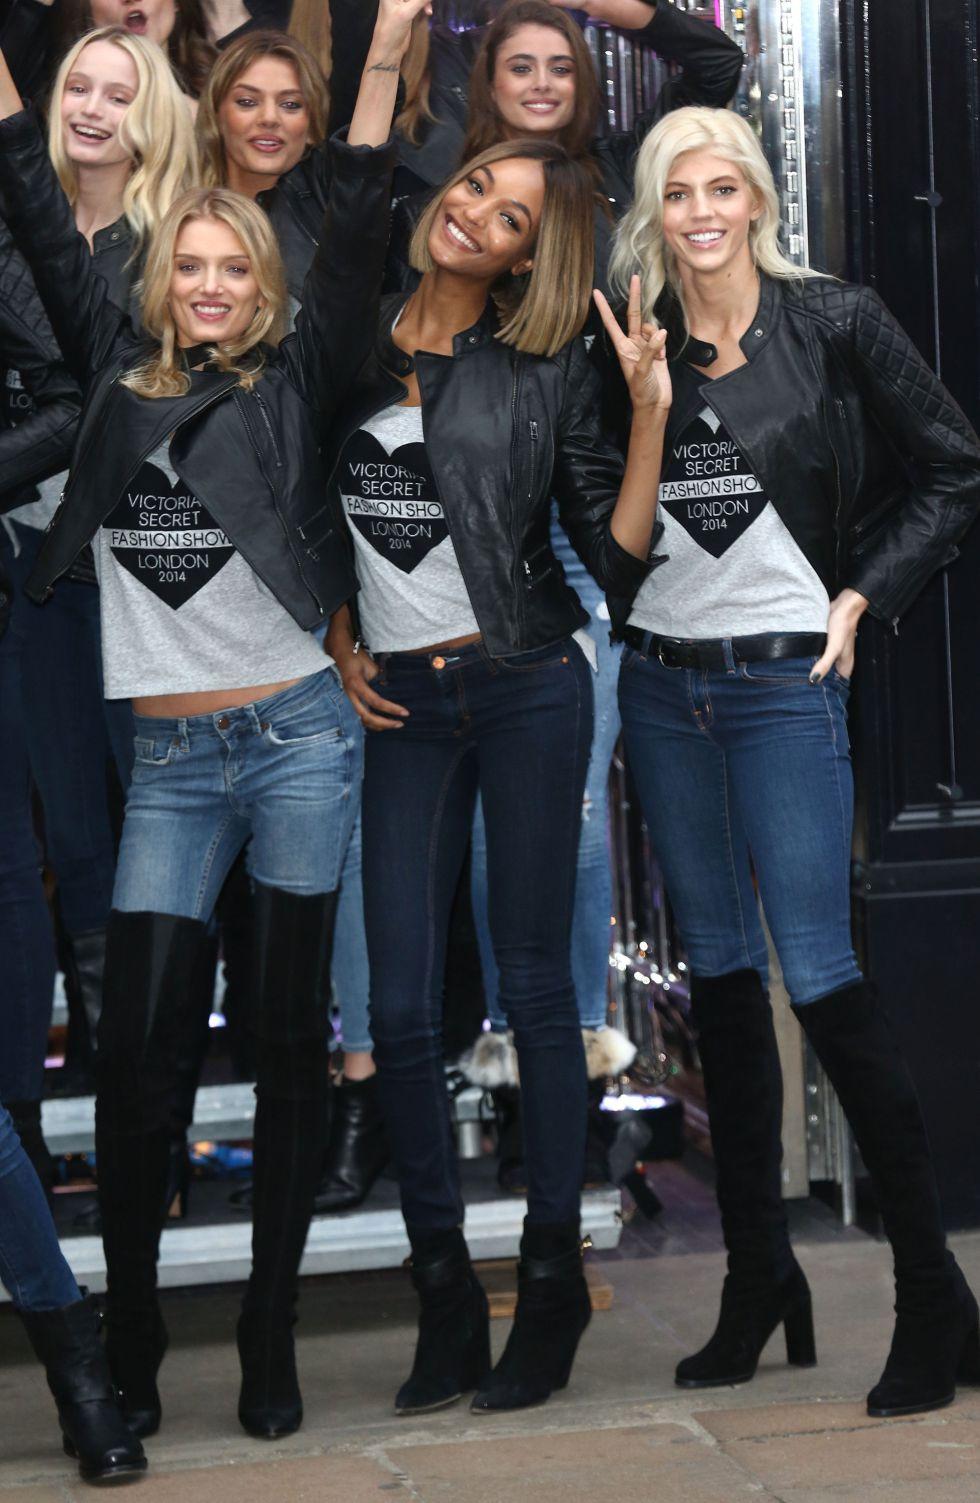 Lily Donaldson (L) y Jourdan Dunn (C) posan en el 'photocall' de Victoria's Secret en Londres, que acogerá por primera vez el gran desfile organizado por la firma de lencería.